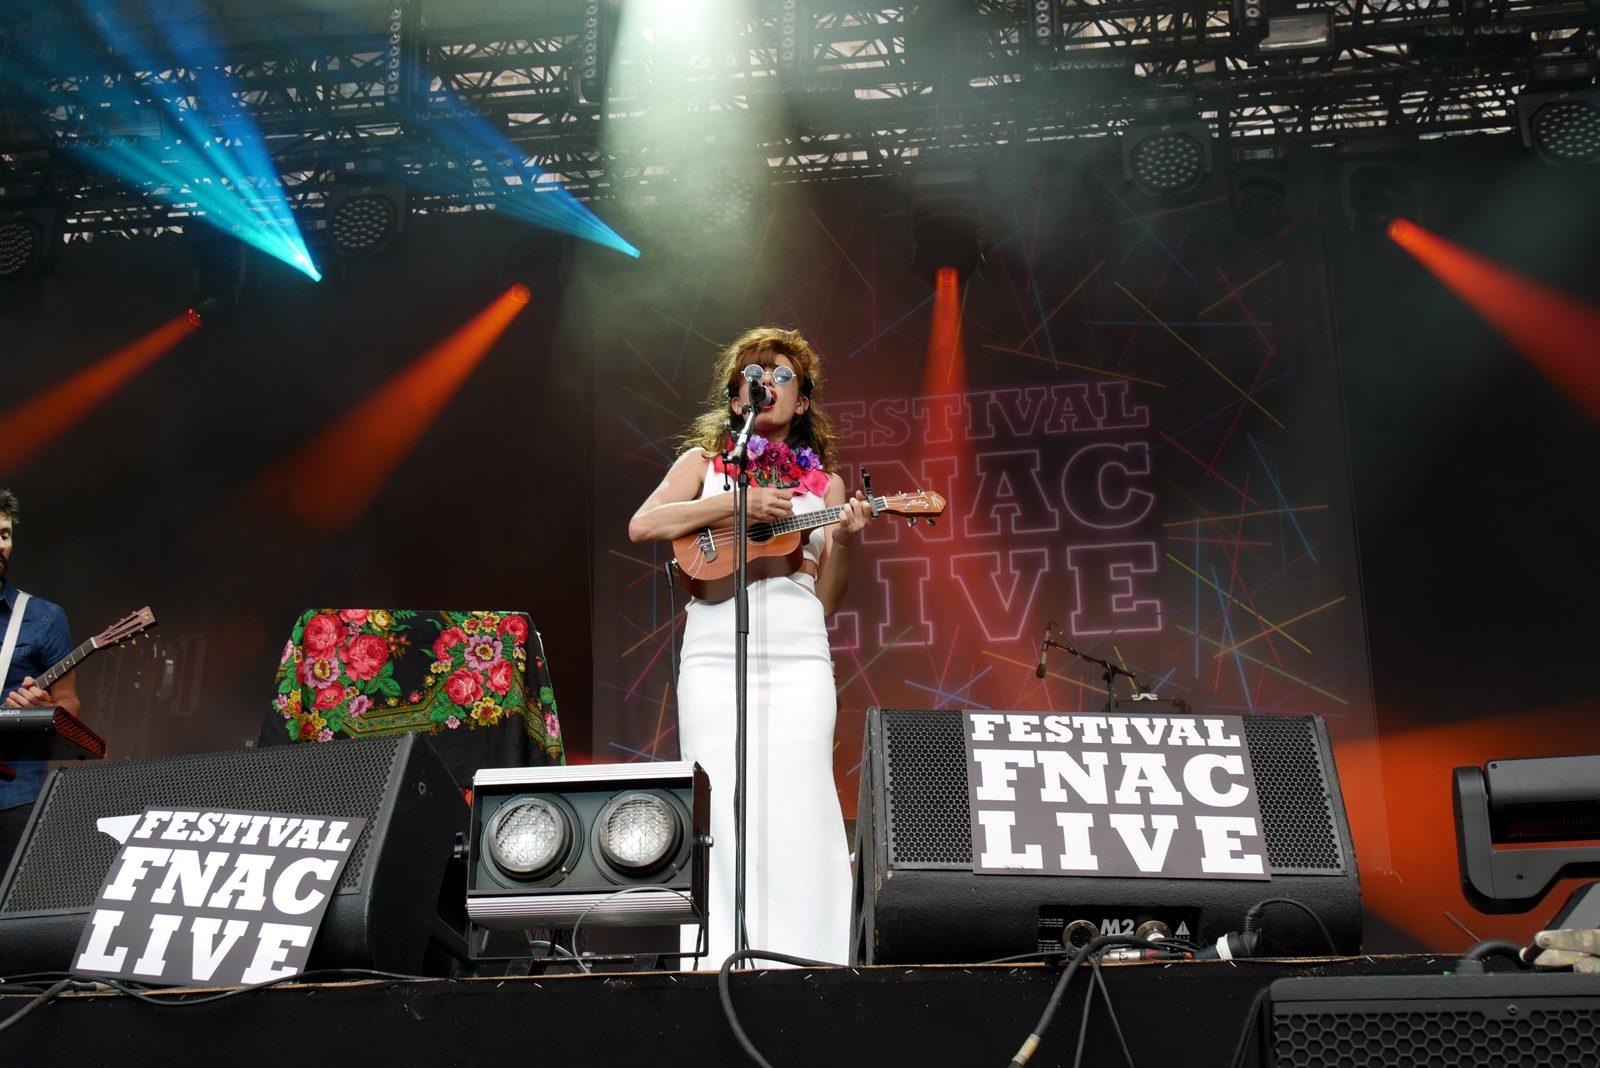 Lola marsh Yael Shoshana Cohen Fnac live 2016 scène musique report guitare photo by blog united states of paris